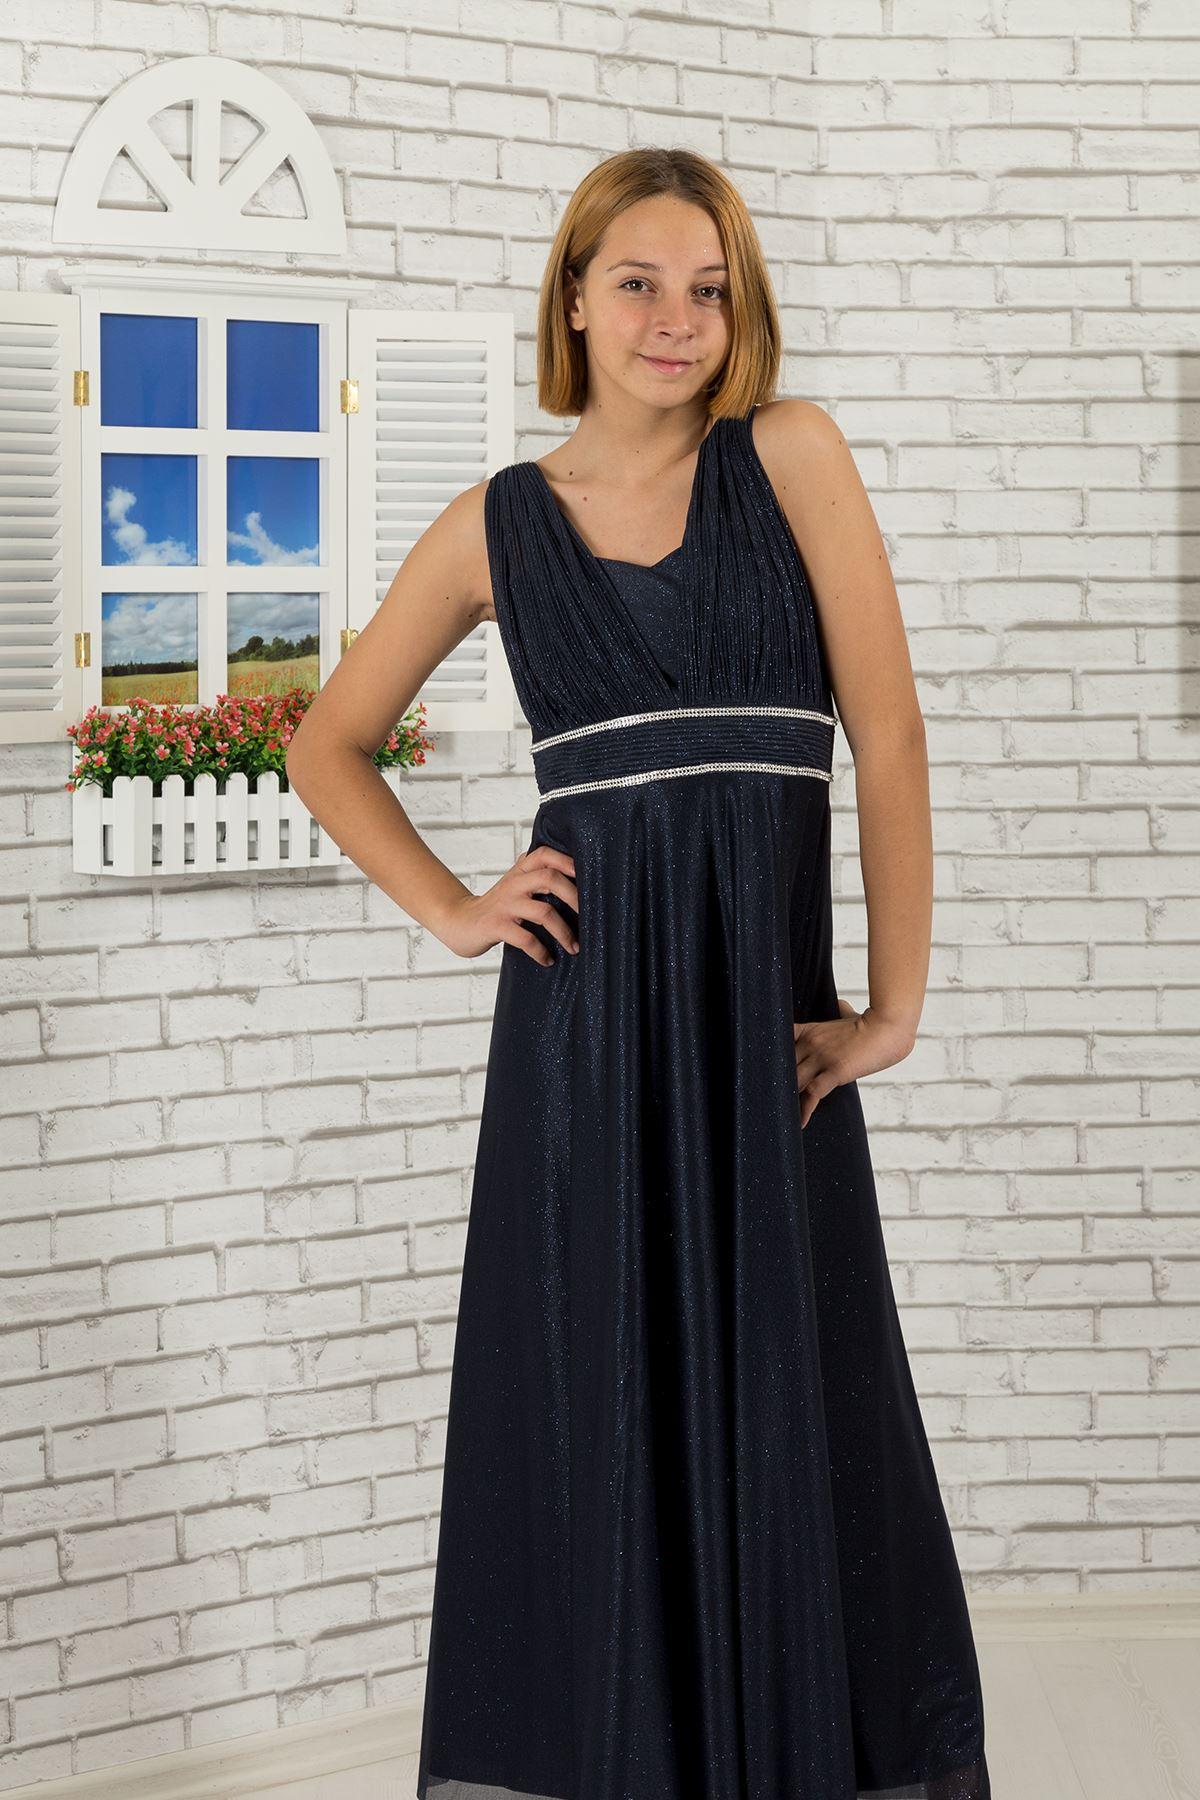 Taille Stein, Kragen detail, silbrig chiffon Mädchen Junge Abendkleid 473 marineblau